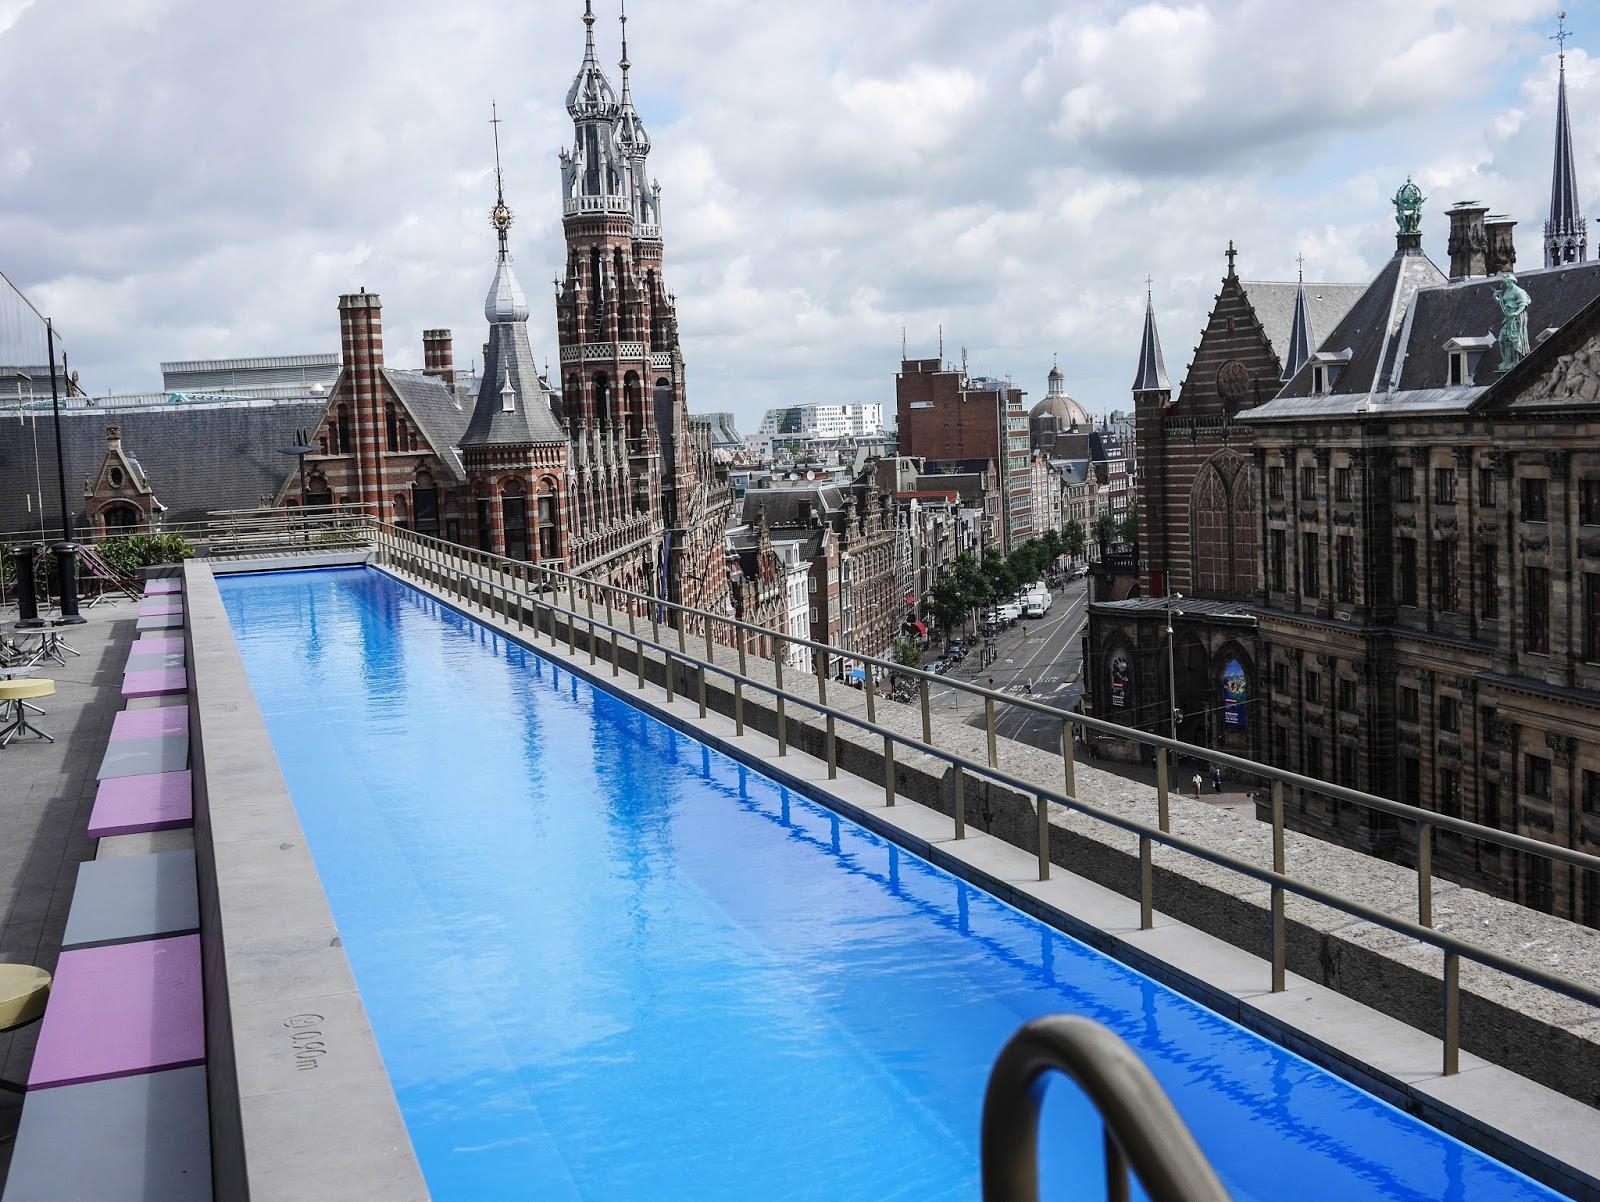 piscine hotel amsterdam w parisgrenoble